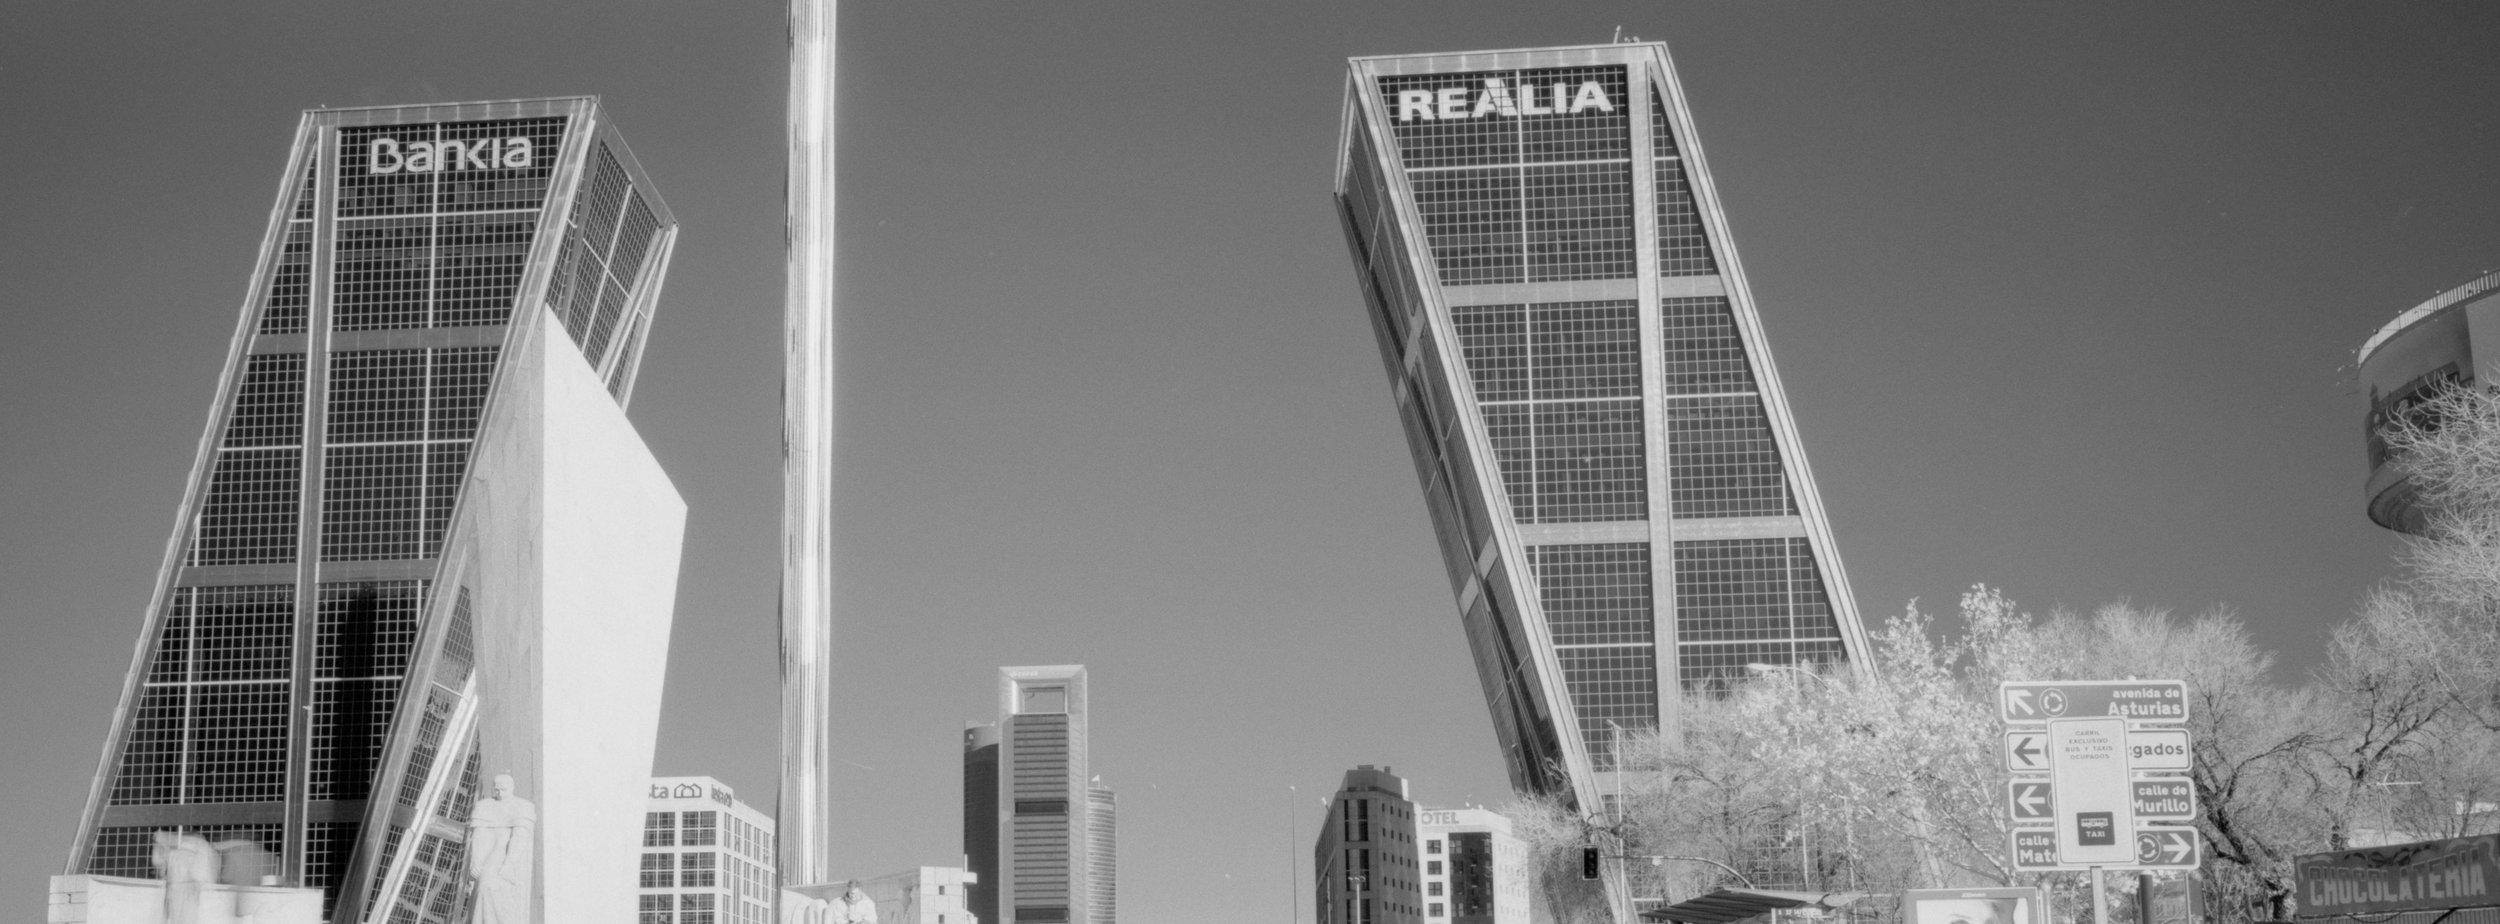 MadridInfrared4.jpg